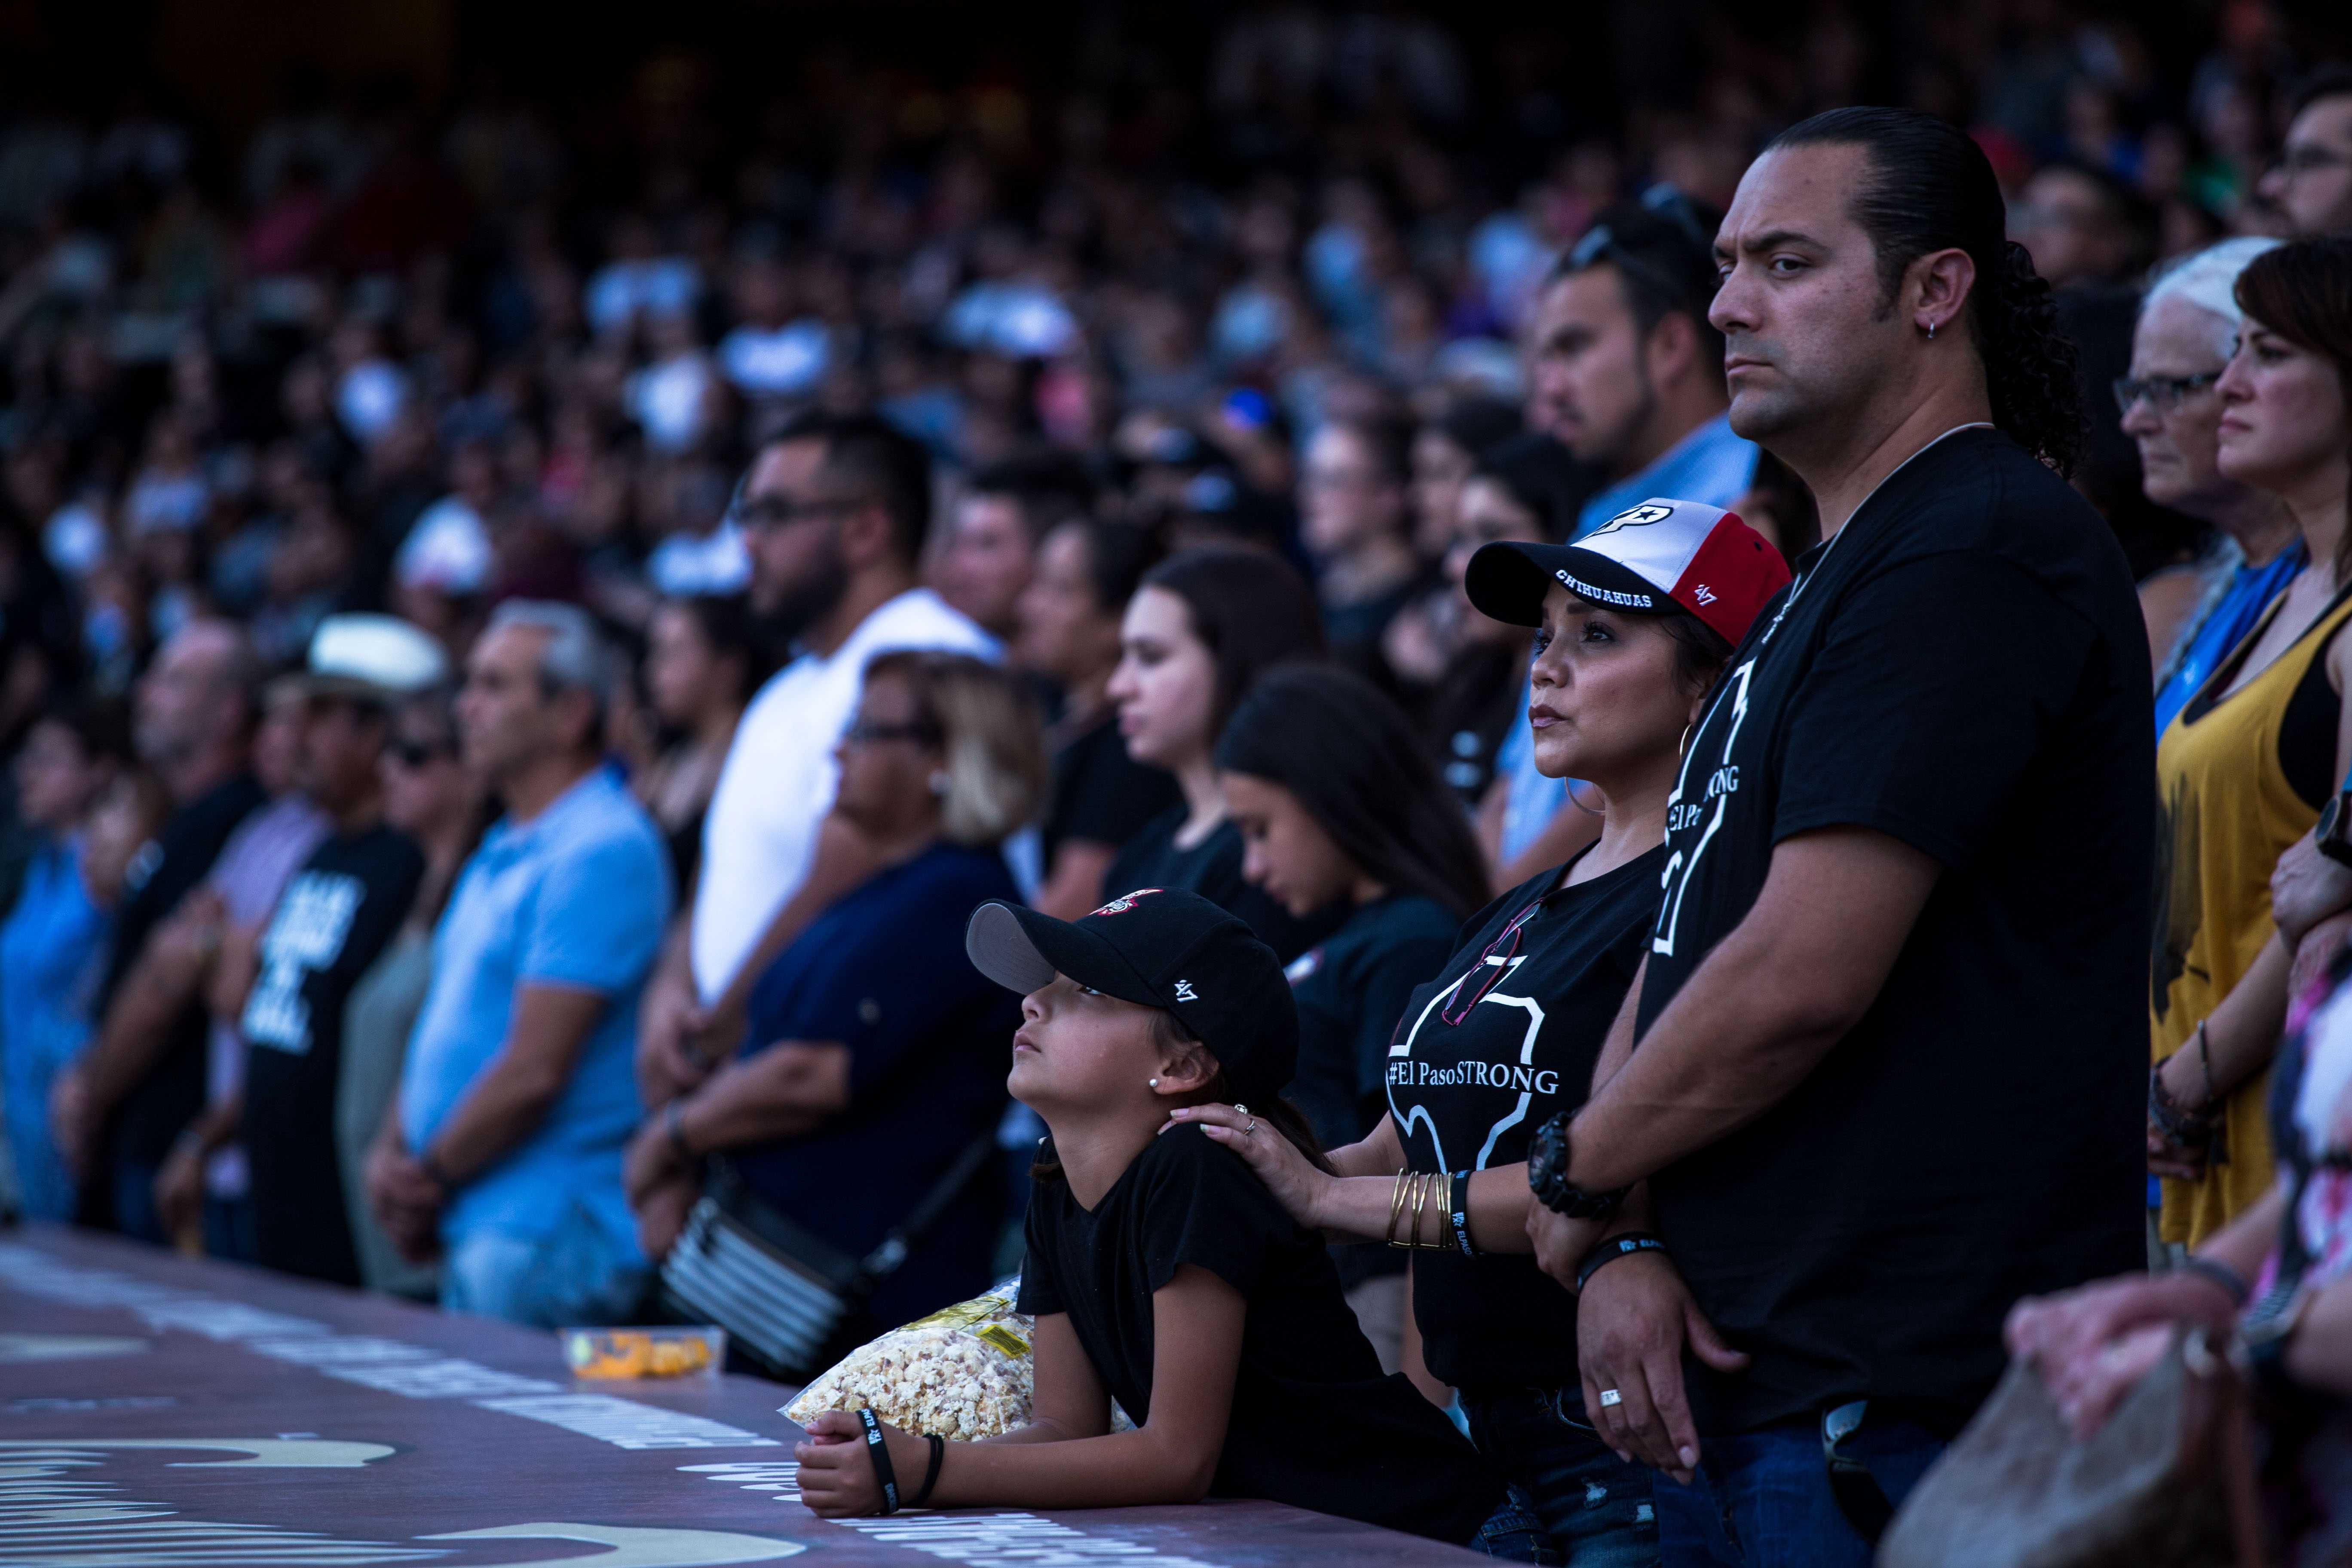 枪击事件频发 美墨民众在边境共悼遇难者